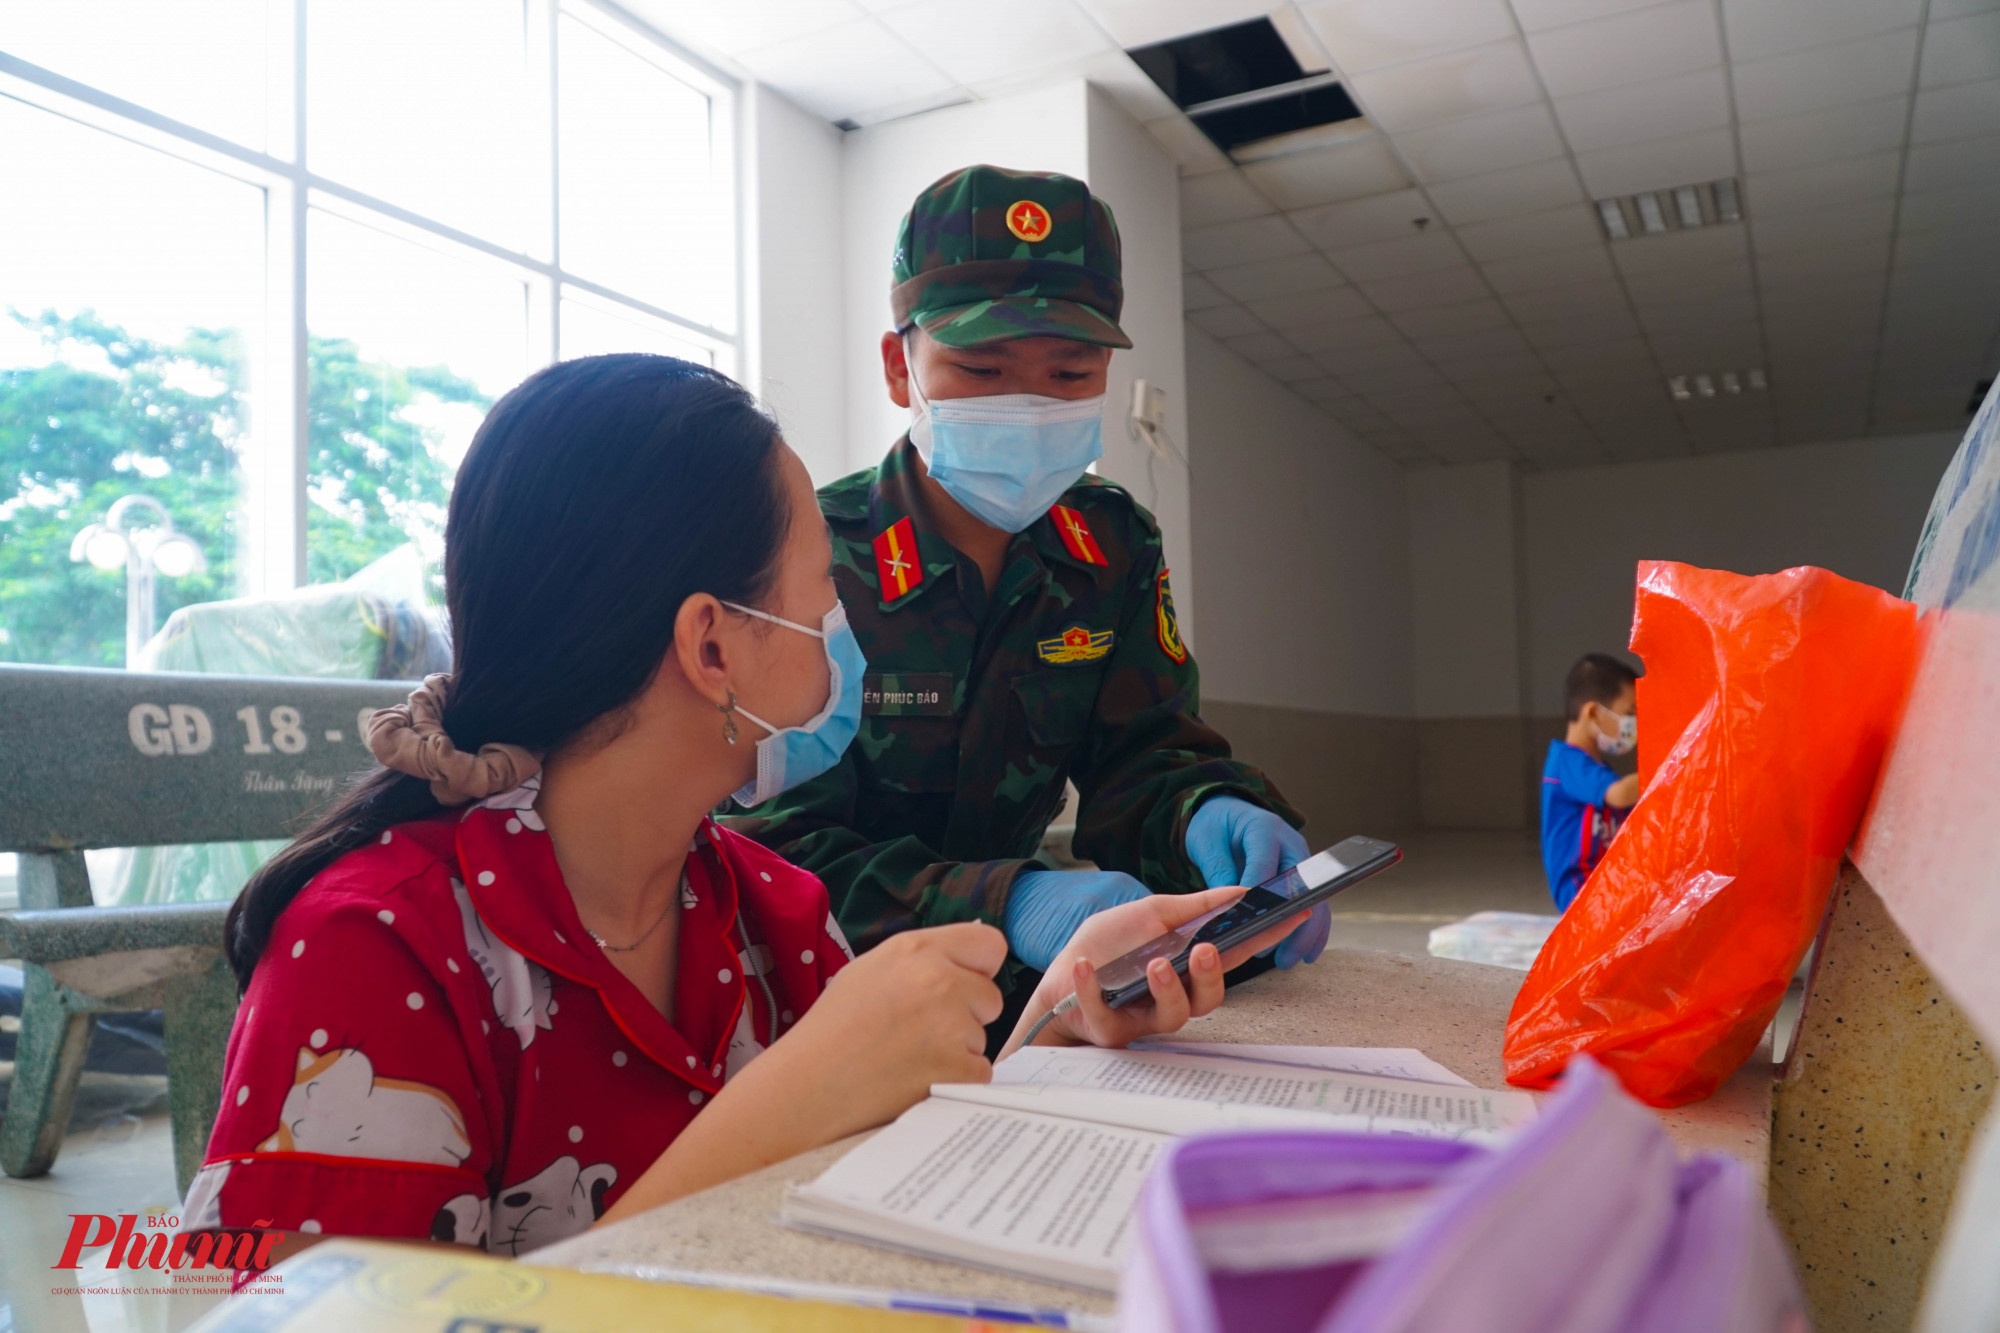 Chiến sĩ Nguyễn Phúc Bảo, trường Sĩ quan Lục quân 2 tận tình hướng dẫn các em học sinh khi gặp bài khó